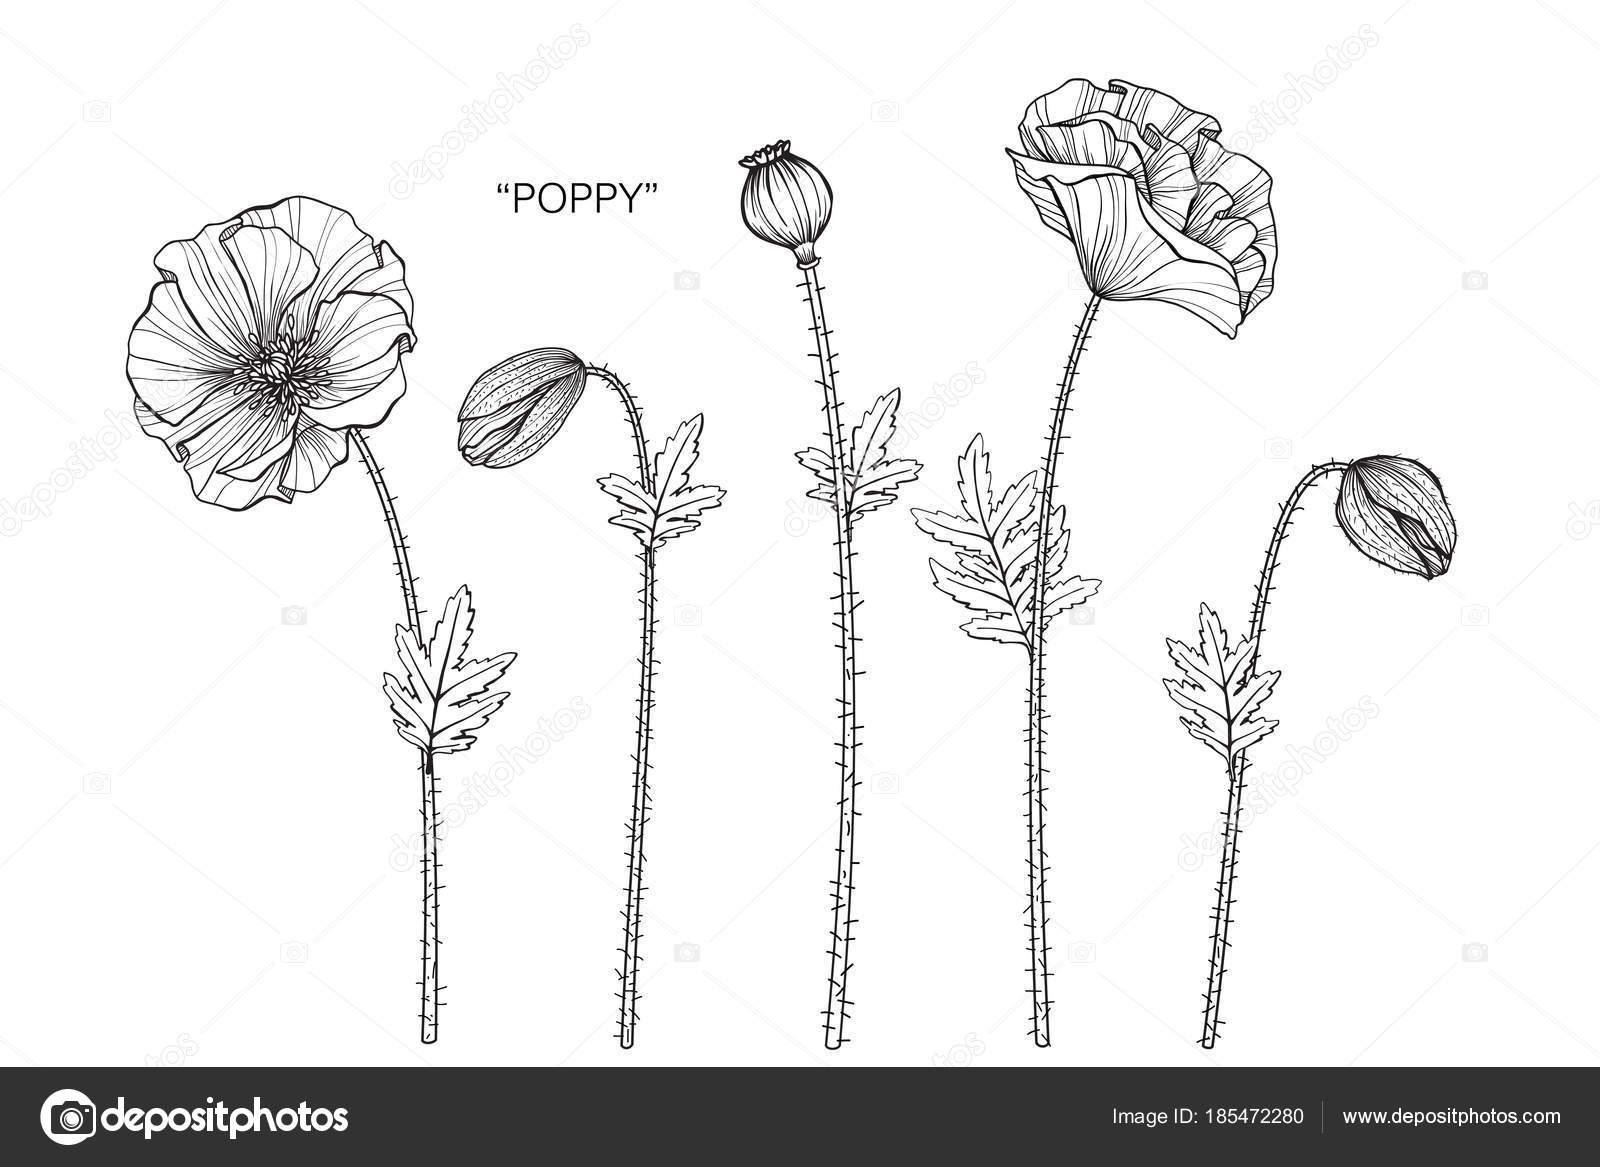 Poppy Flower Drawing Illustration Black White Line Art White